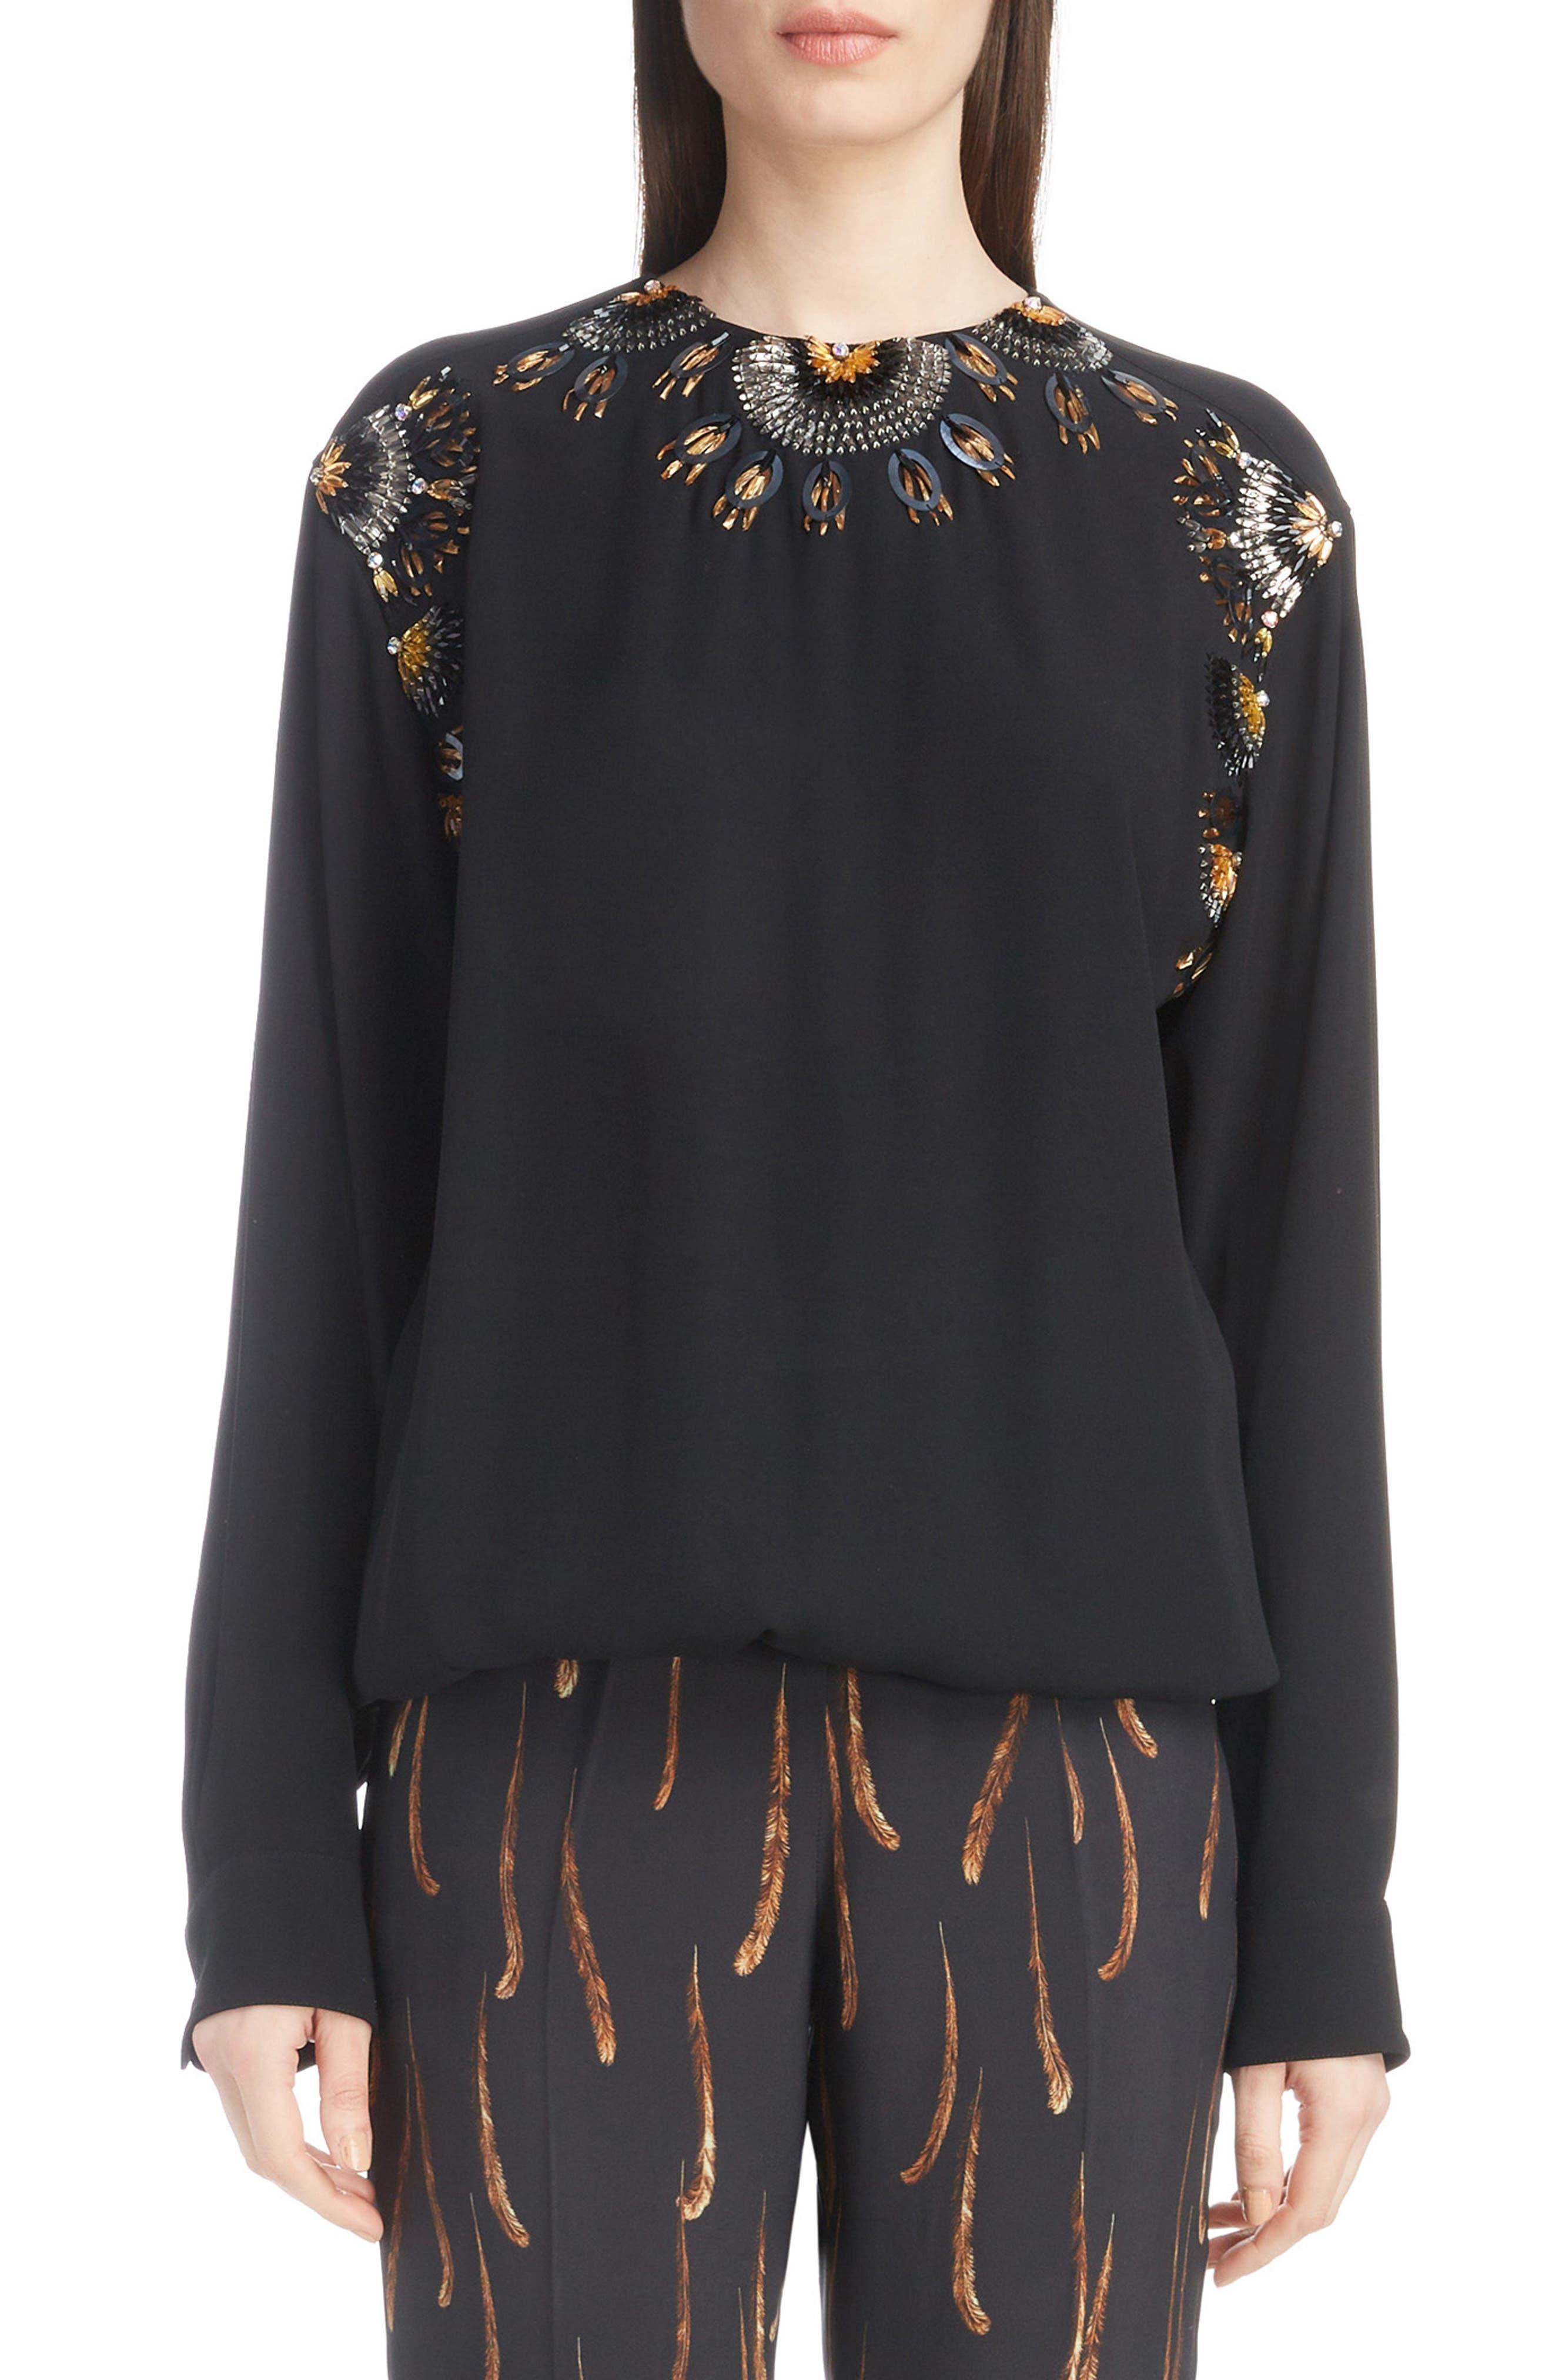 Starburst Embellished Blouse,                         Main,                         color, BLACK